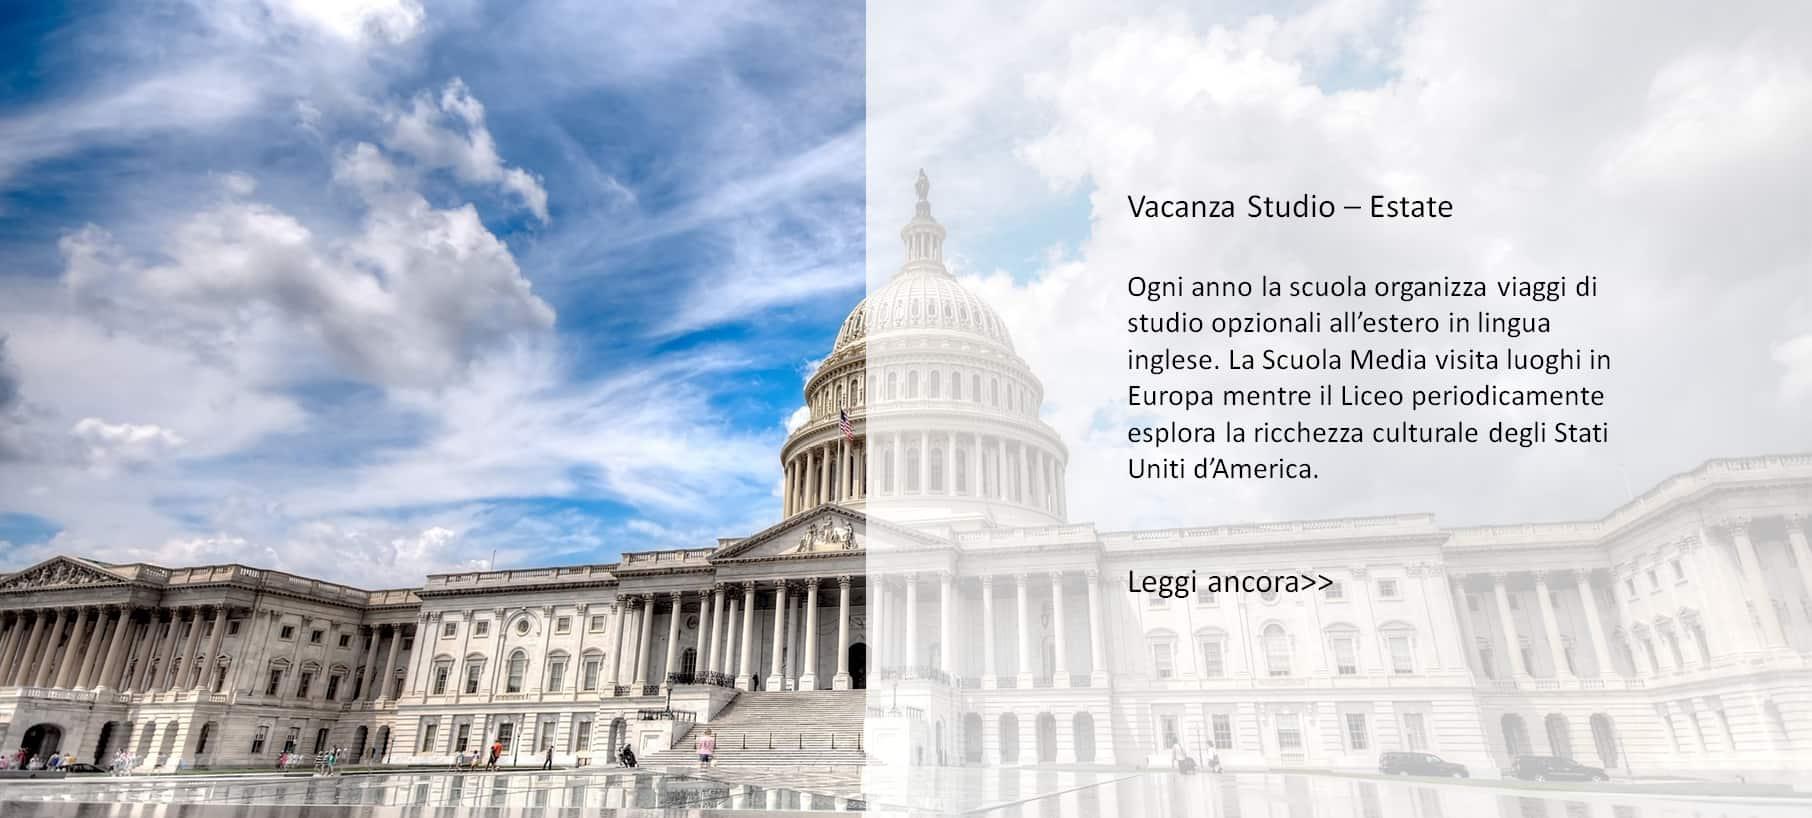 Vacanza Studio - Estate